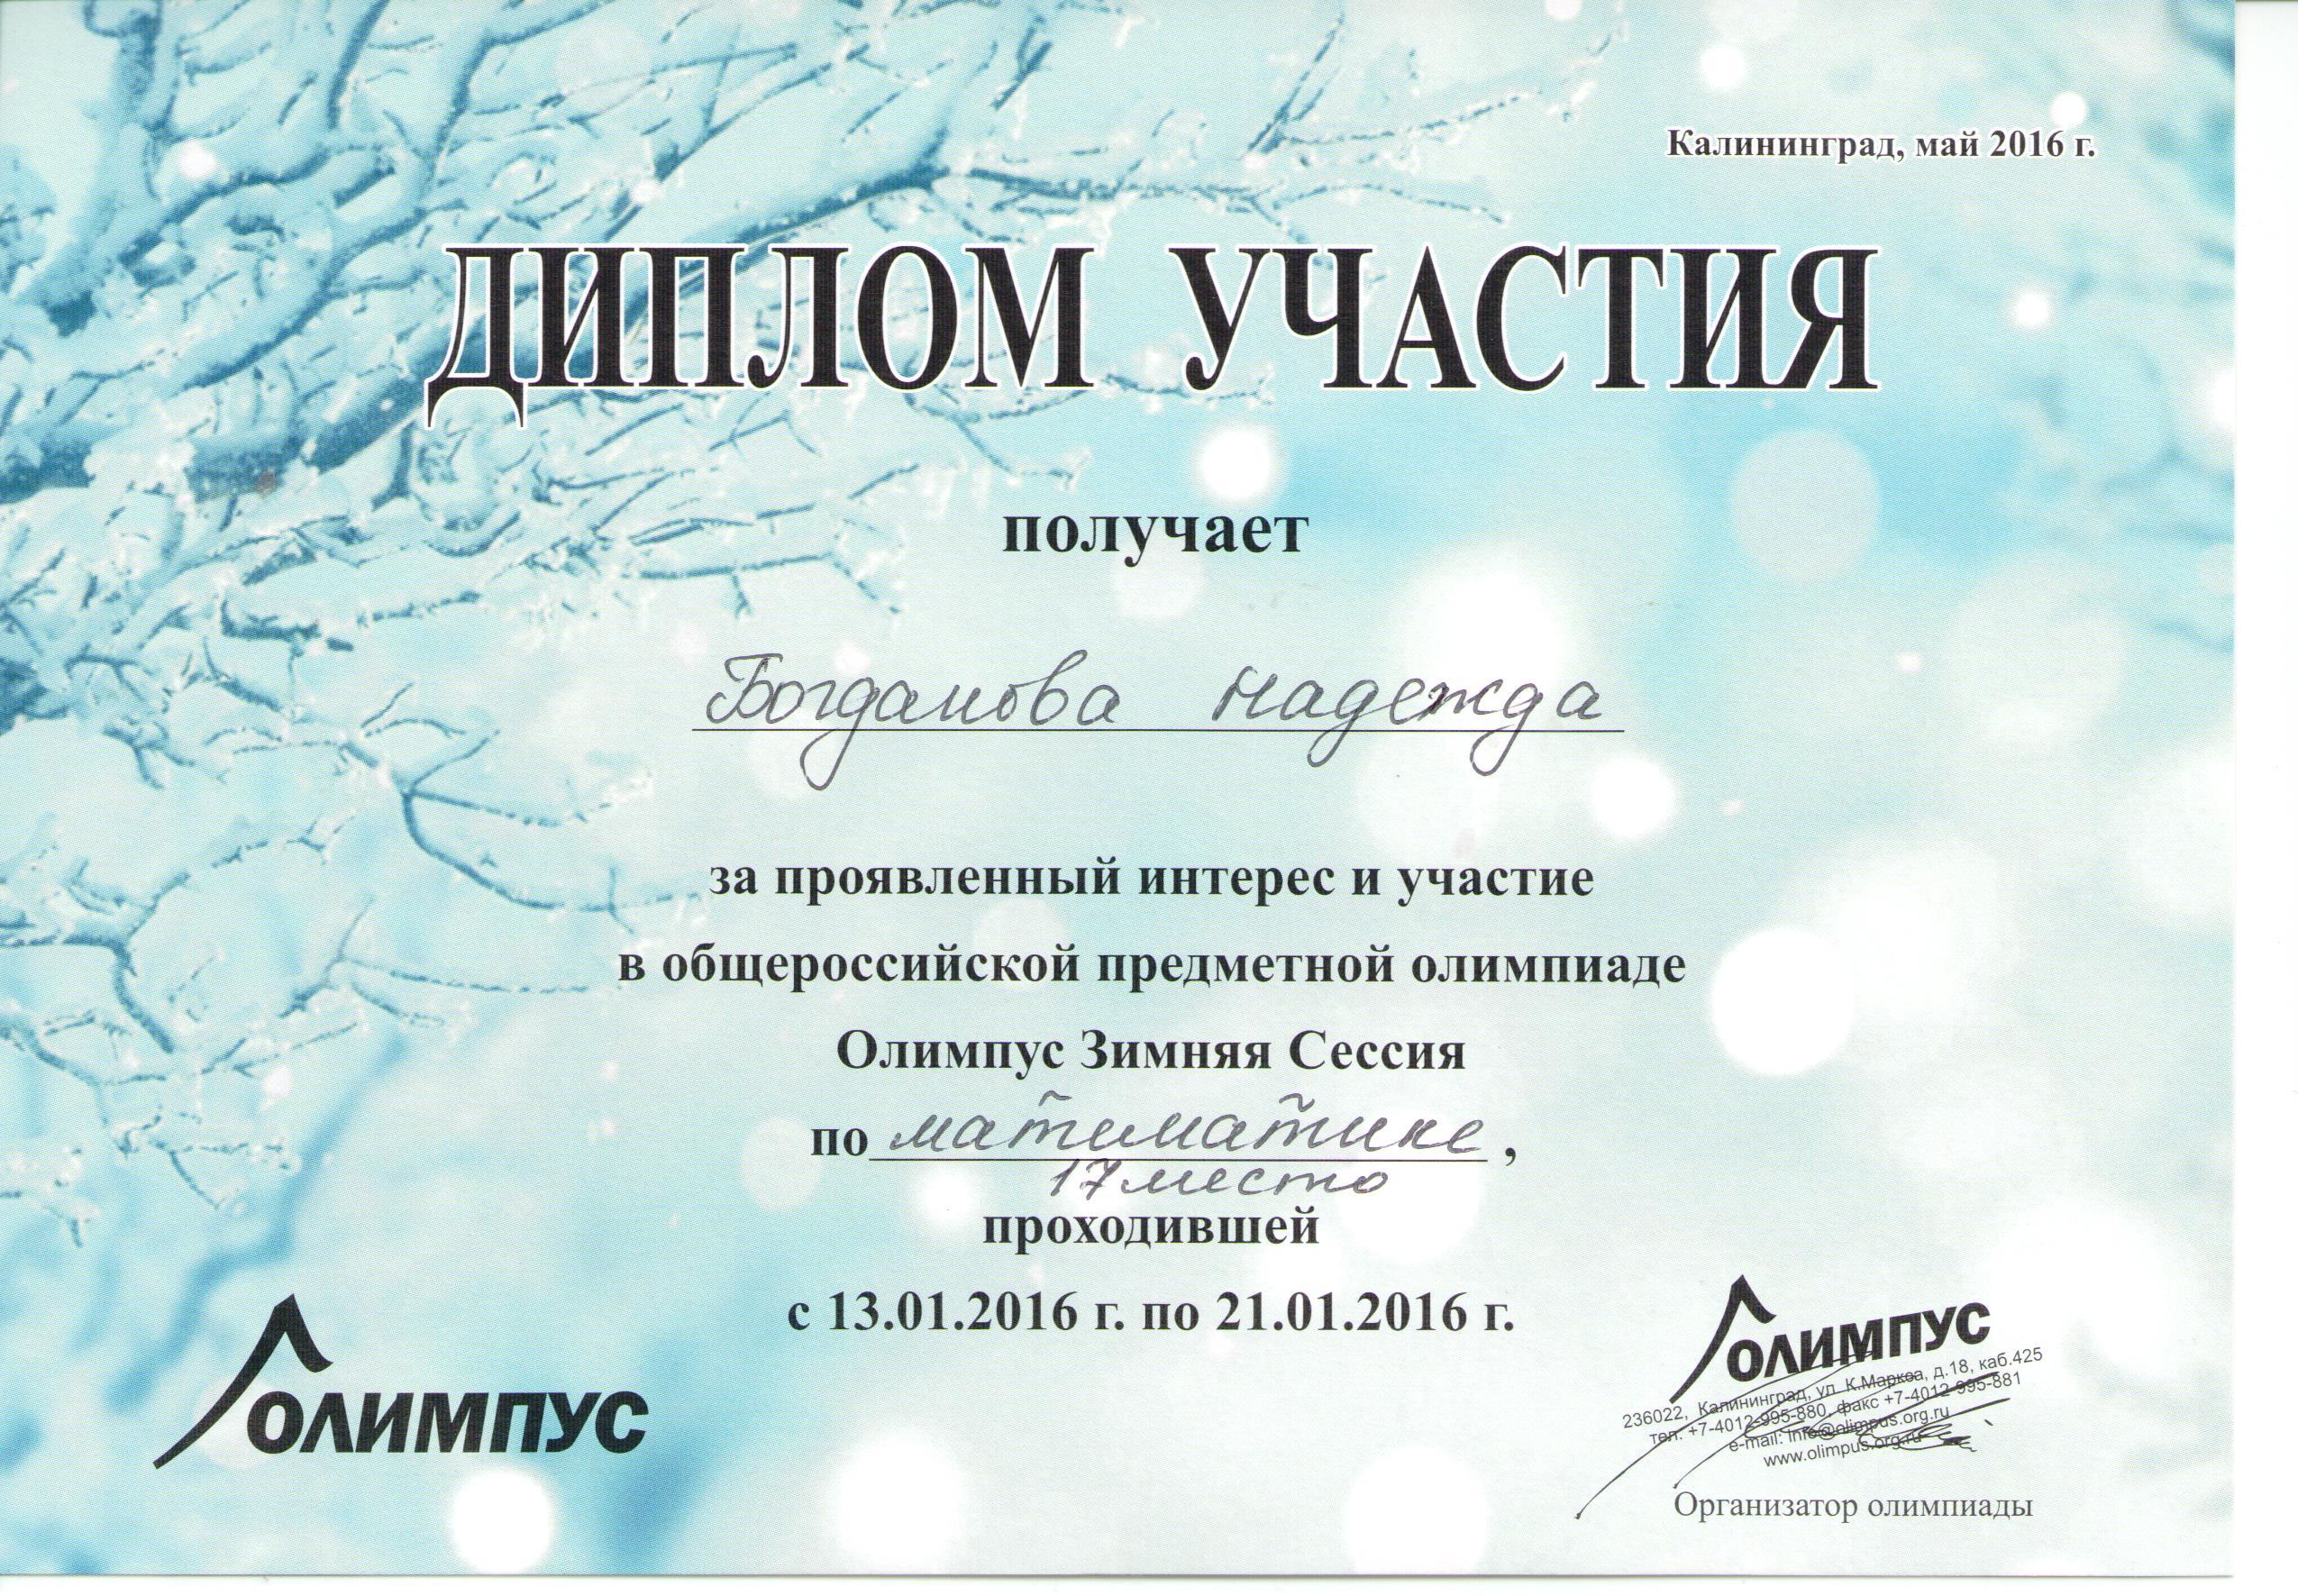 олимпус зимняя сессия 2016 ответы